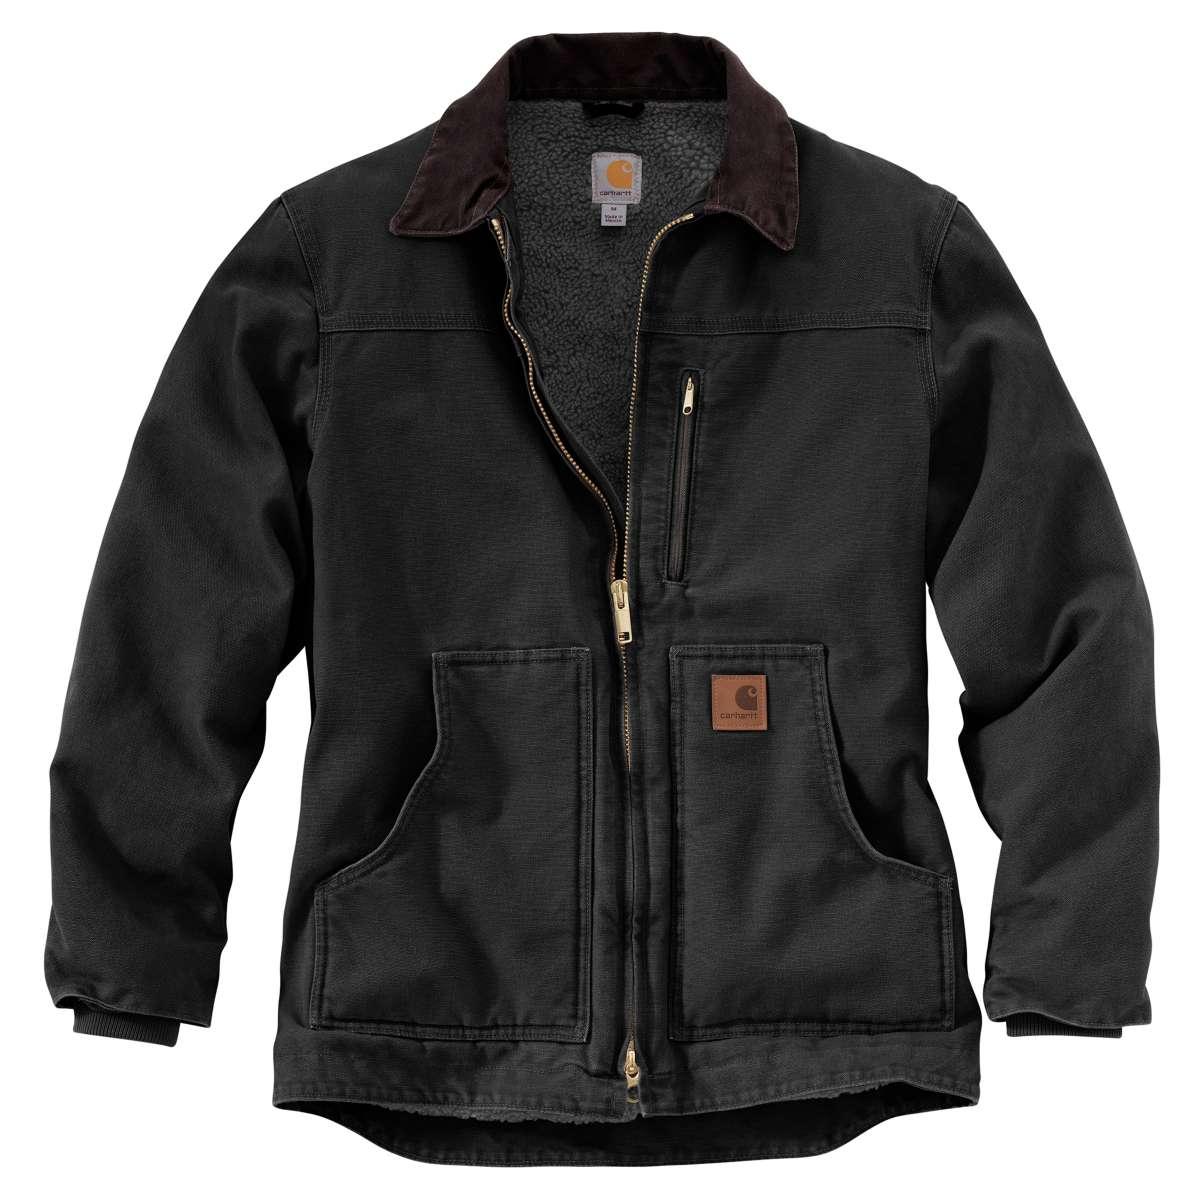 Carhartt Men's Sandstone Ridge Coat, Extended Sizes - Black, 3XLT